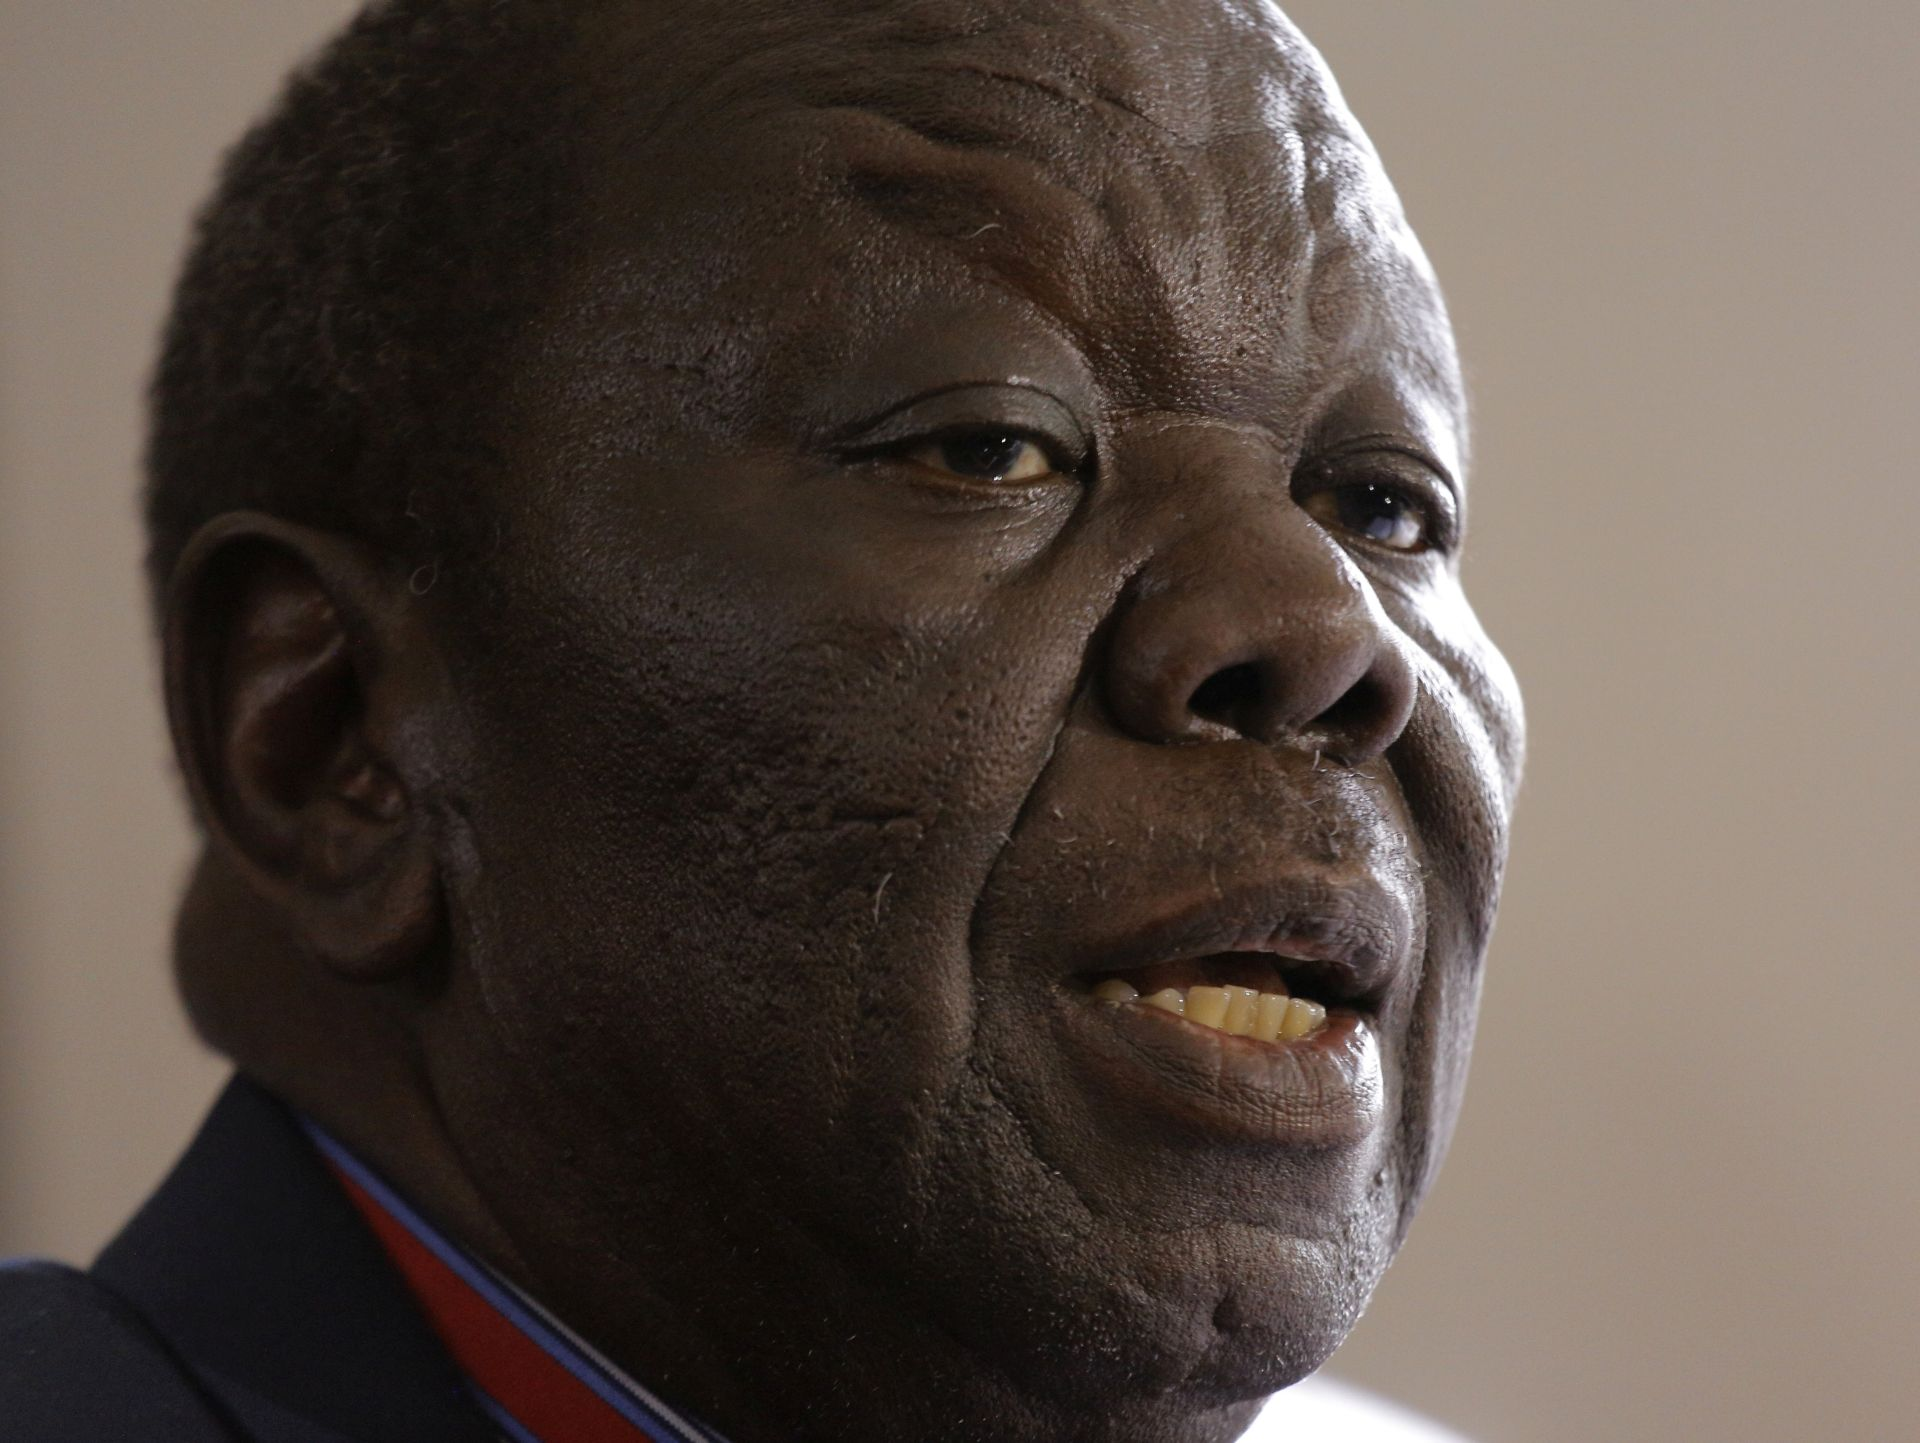 Vođa opozicije Zimbabvea preminuo u JAR-u